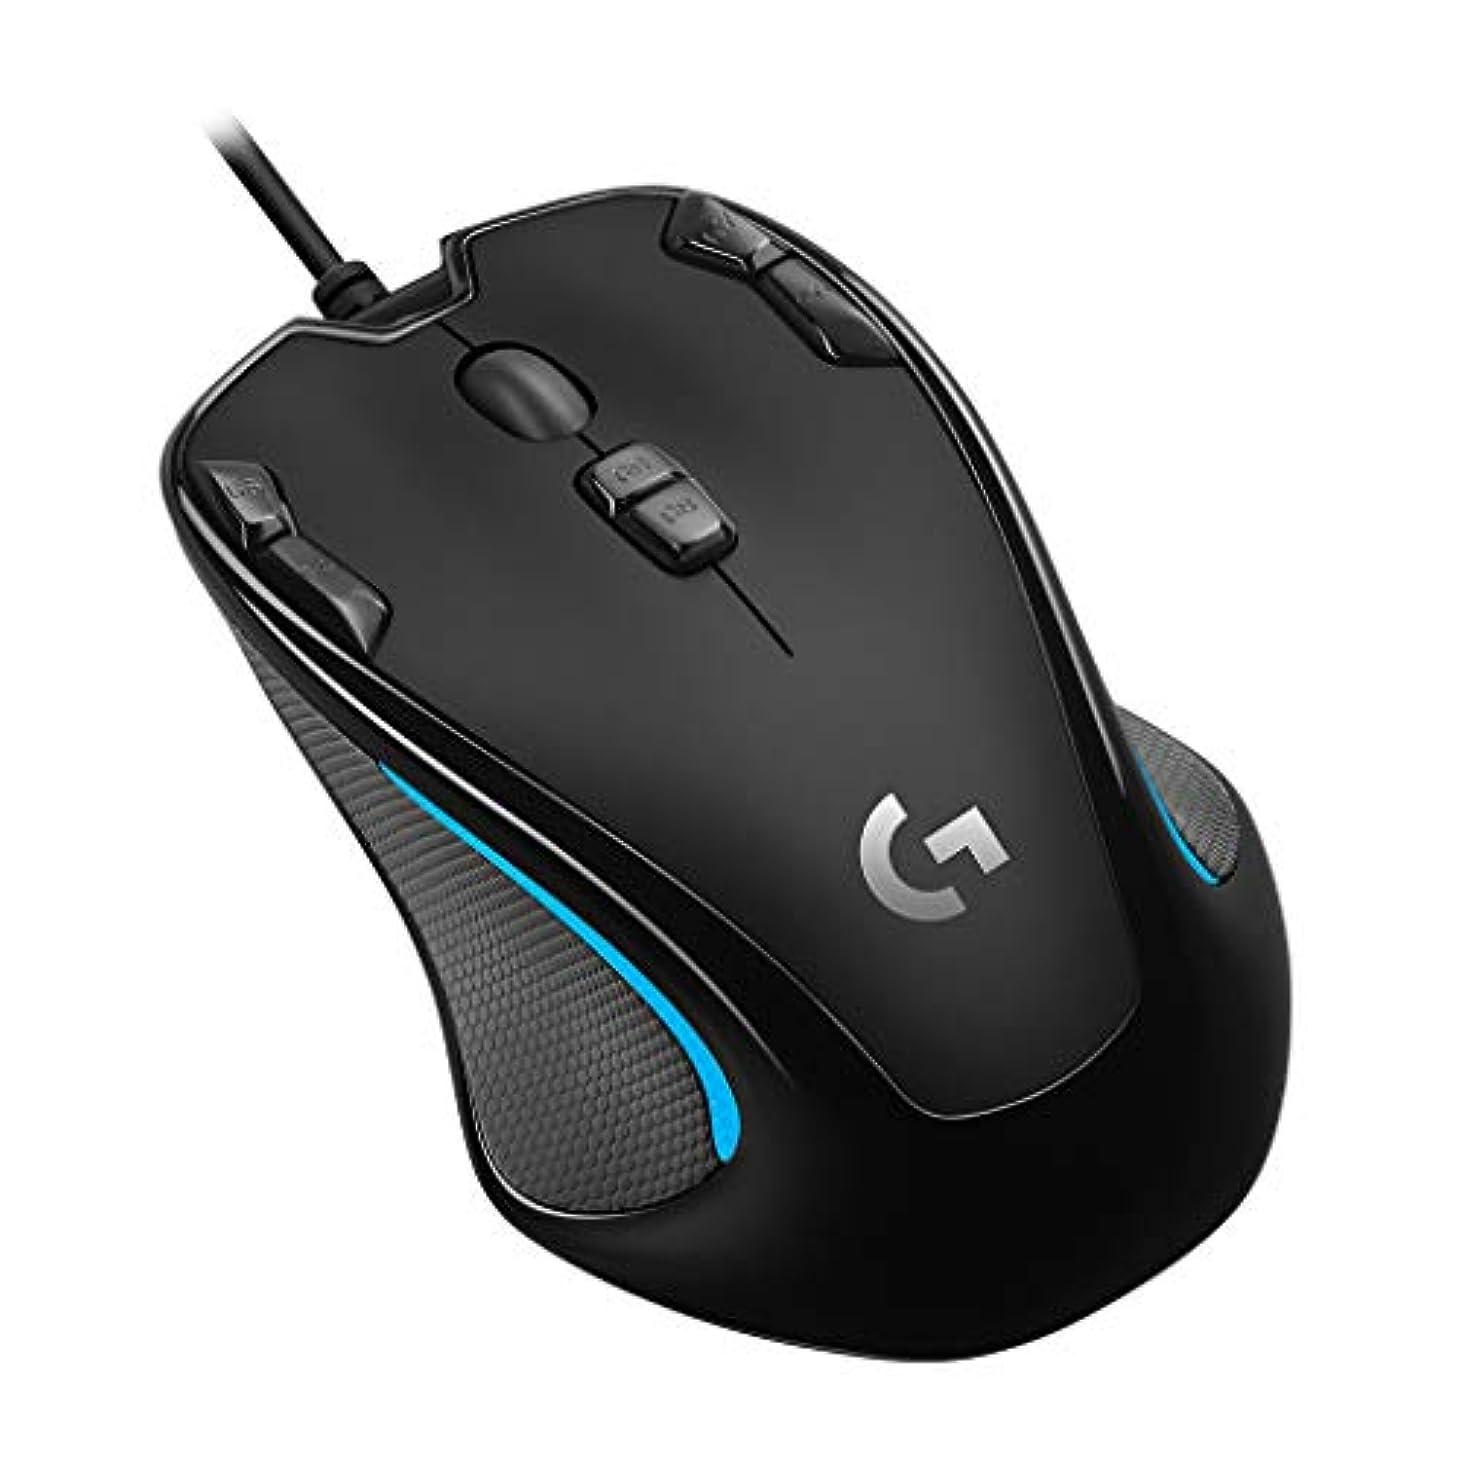 キャッシュ眉をひそめるグローブLogicool G ゲーミングマウス G300Sr ブラック usb 有線 82g 軽量 ゲームマウス 左右対称 多ボタン G300 国内正規品 2年間メーカー保証